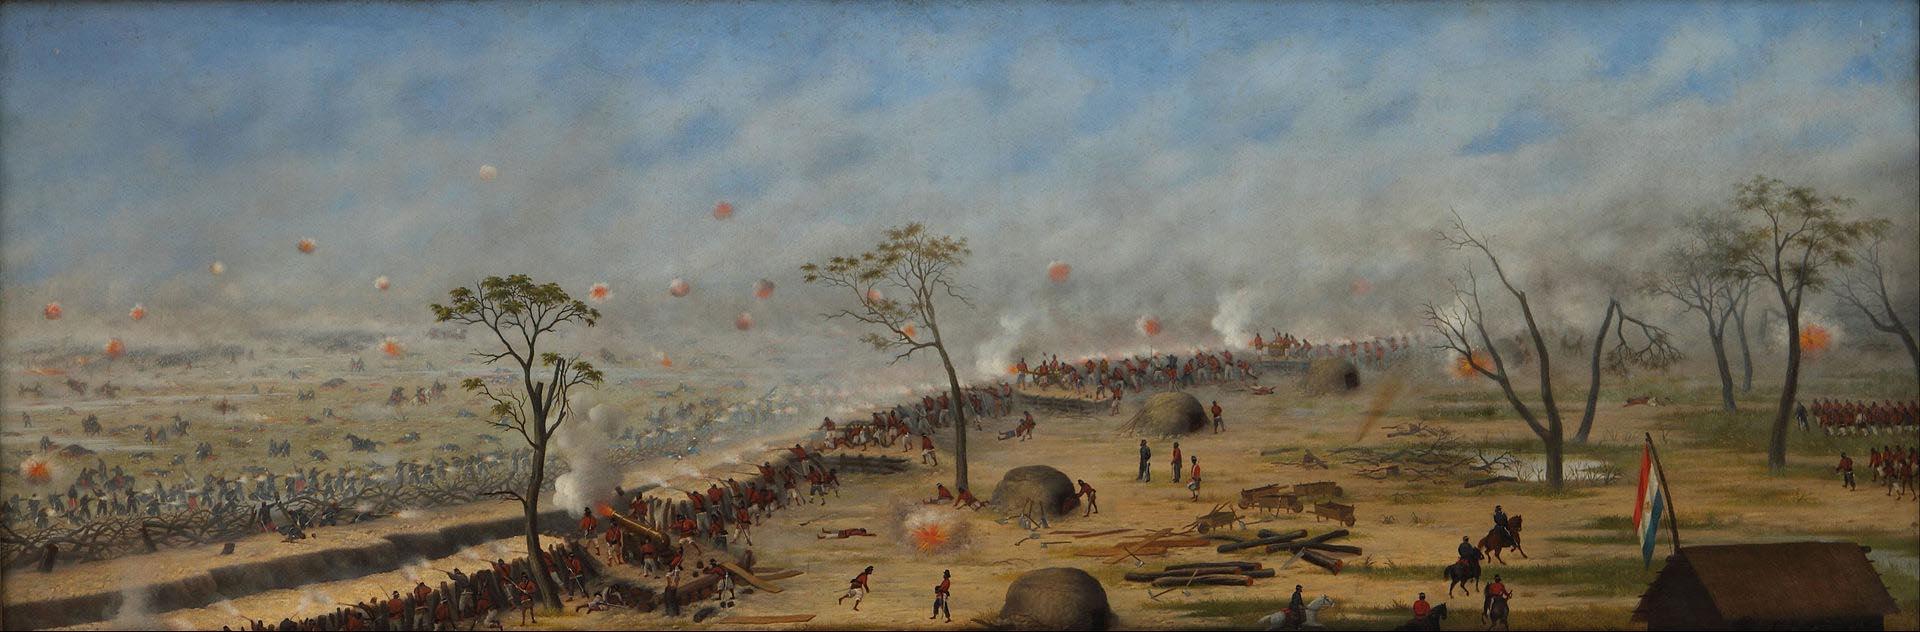 """""""Trinchera de Curupaytí"""", de Cándido López (1893)"""